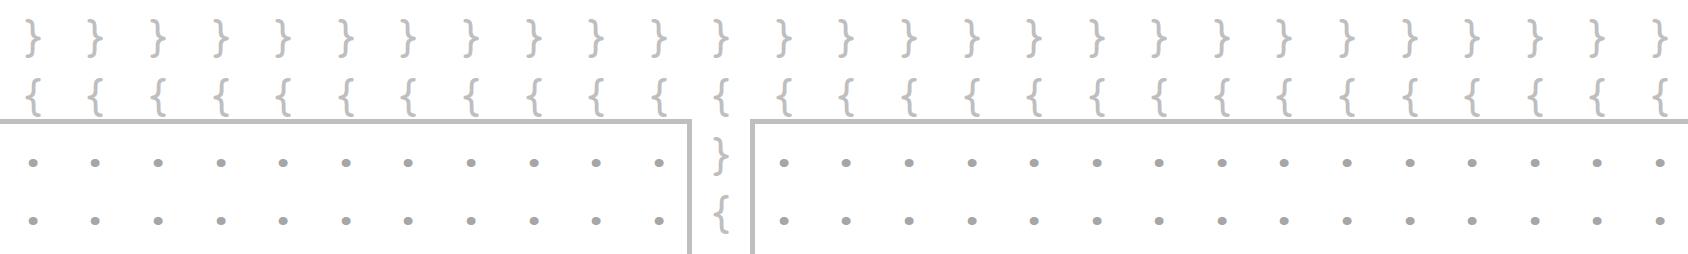 ASCII Empires